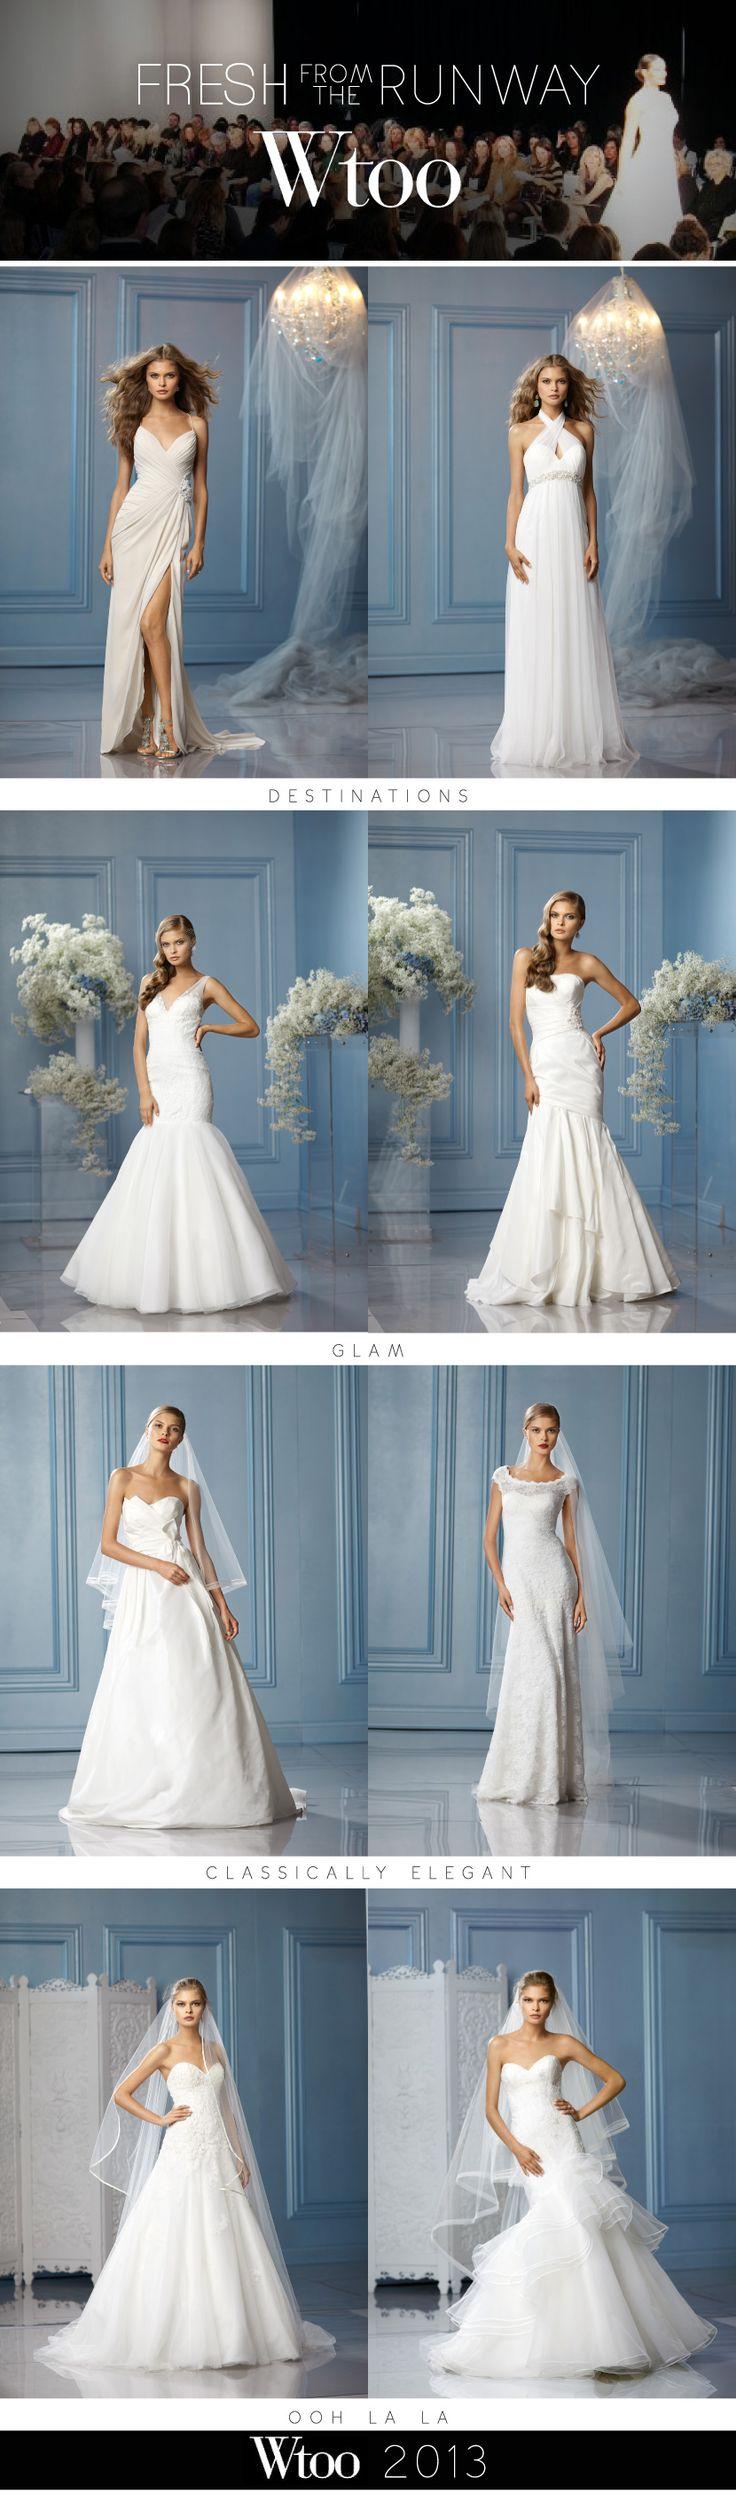 51 best NY Bridal Market images on Pinterest | Illusion, Short ...